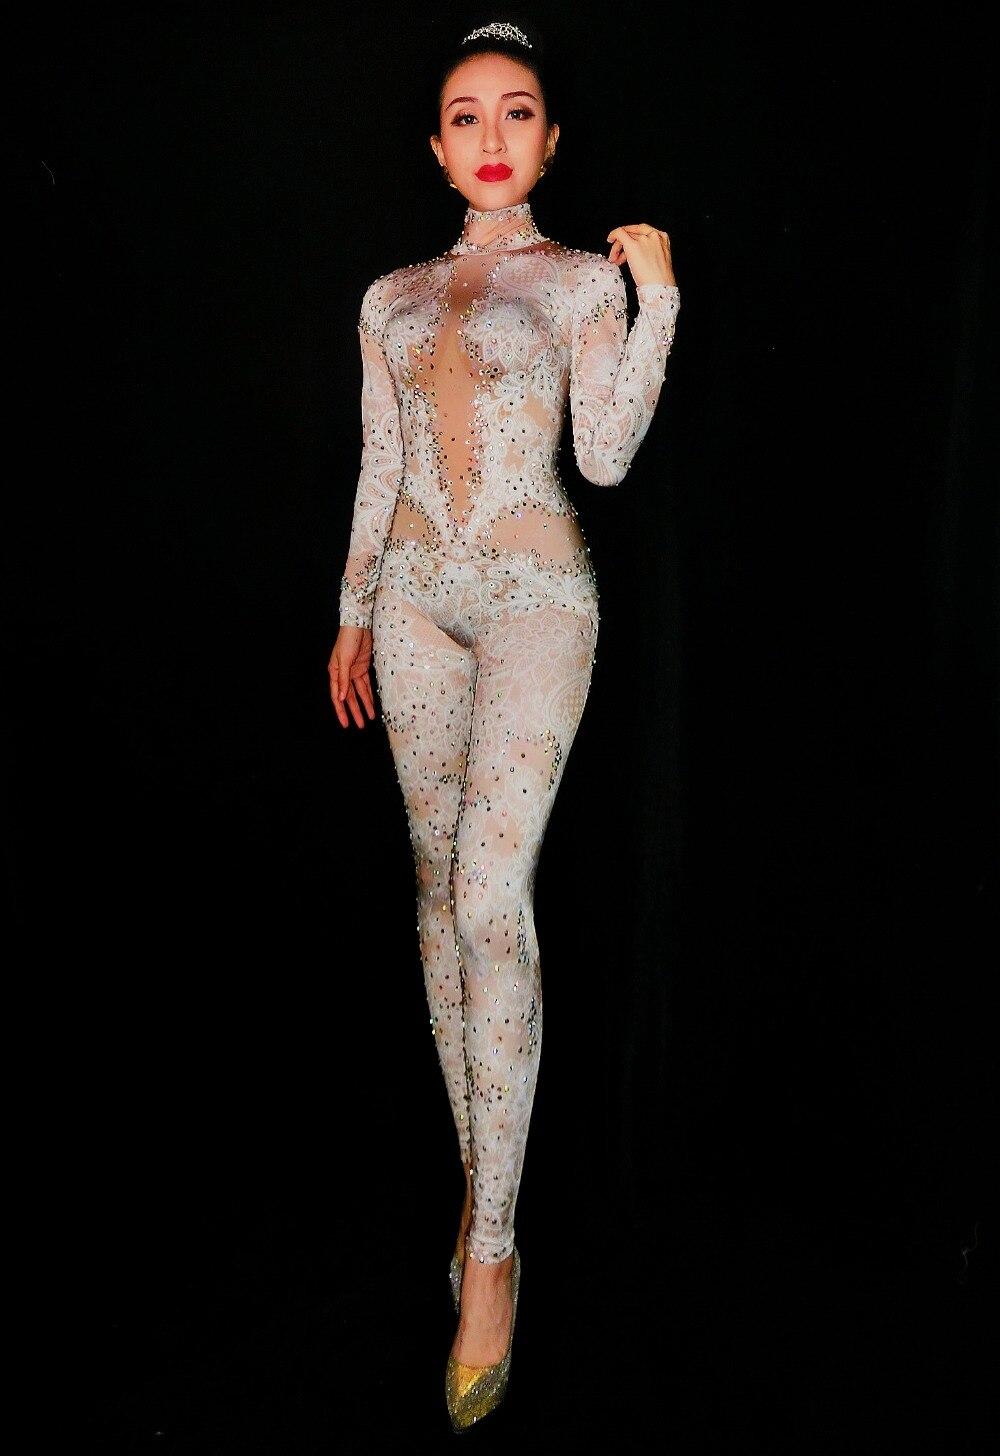 De Boîte Leggings Porter Blanc Scène Nuit Costume Spandex Strass Femmes Body Dentelle Plaine Salopette White Danse BqW7UfzqF